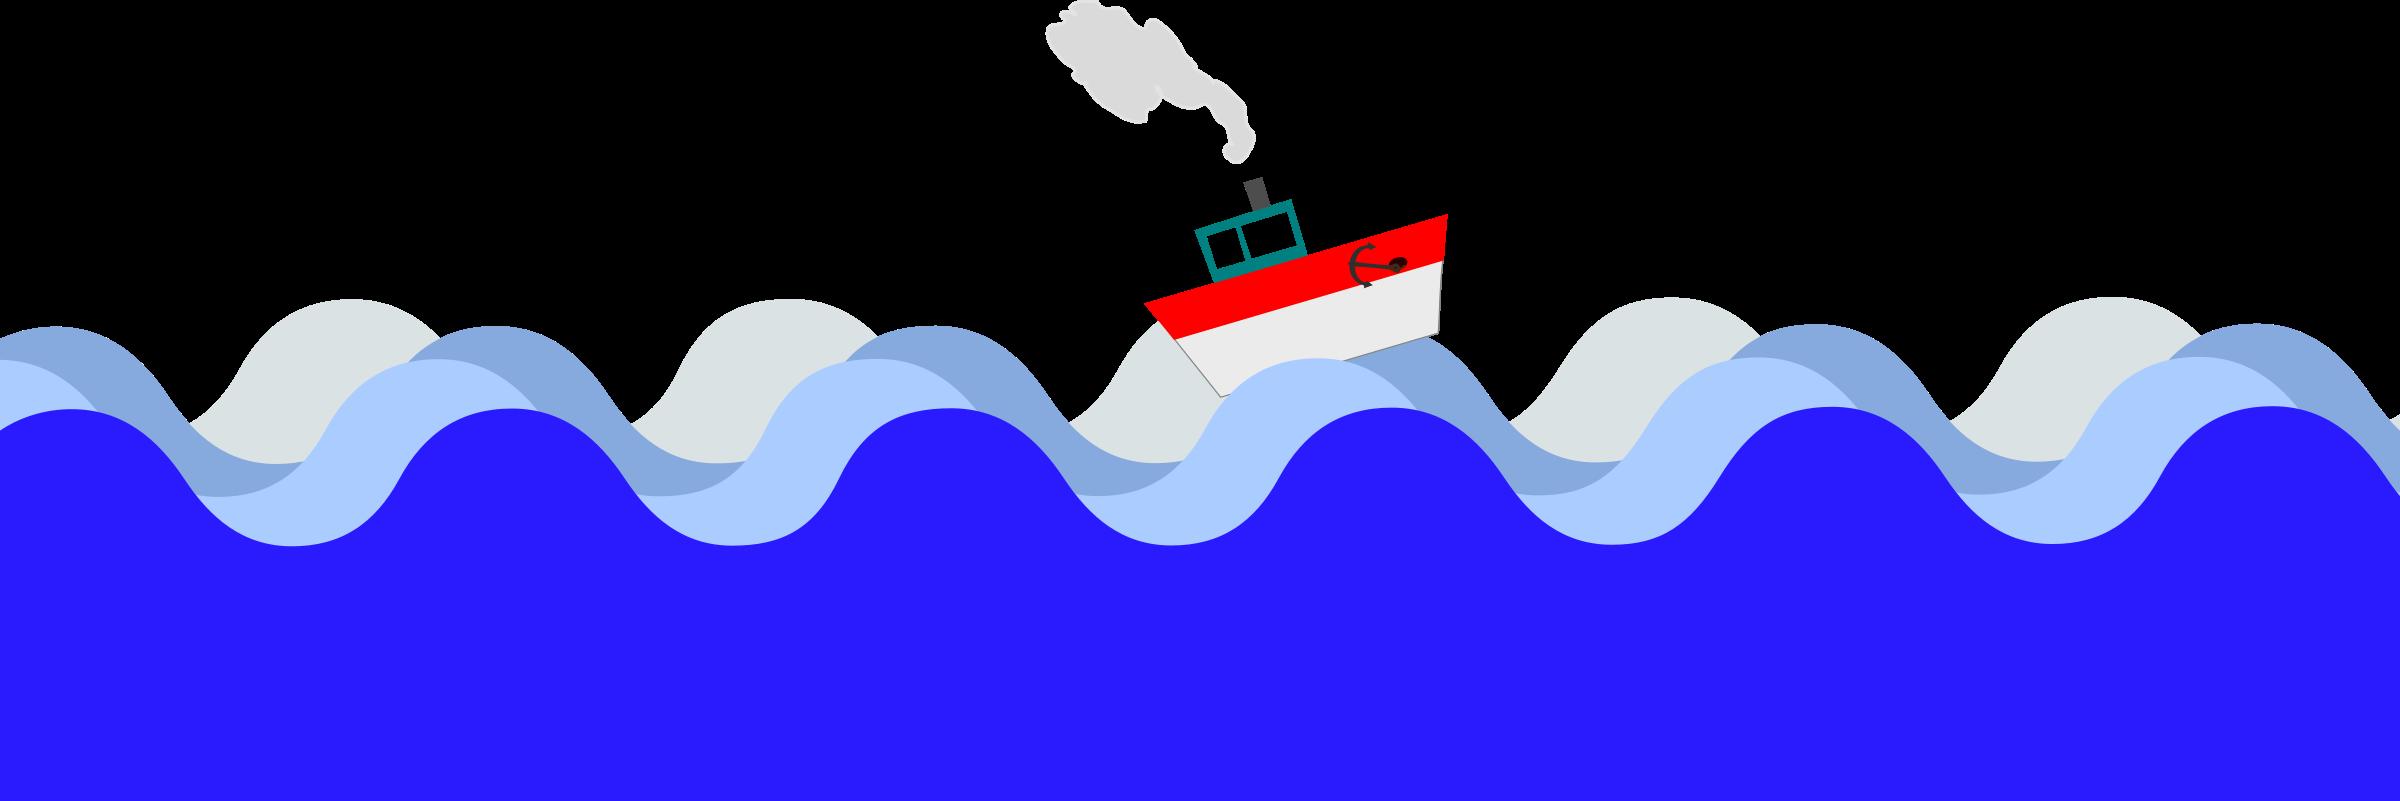 Boat at sea icons. Waves clipart sailboat